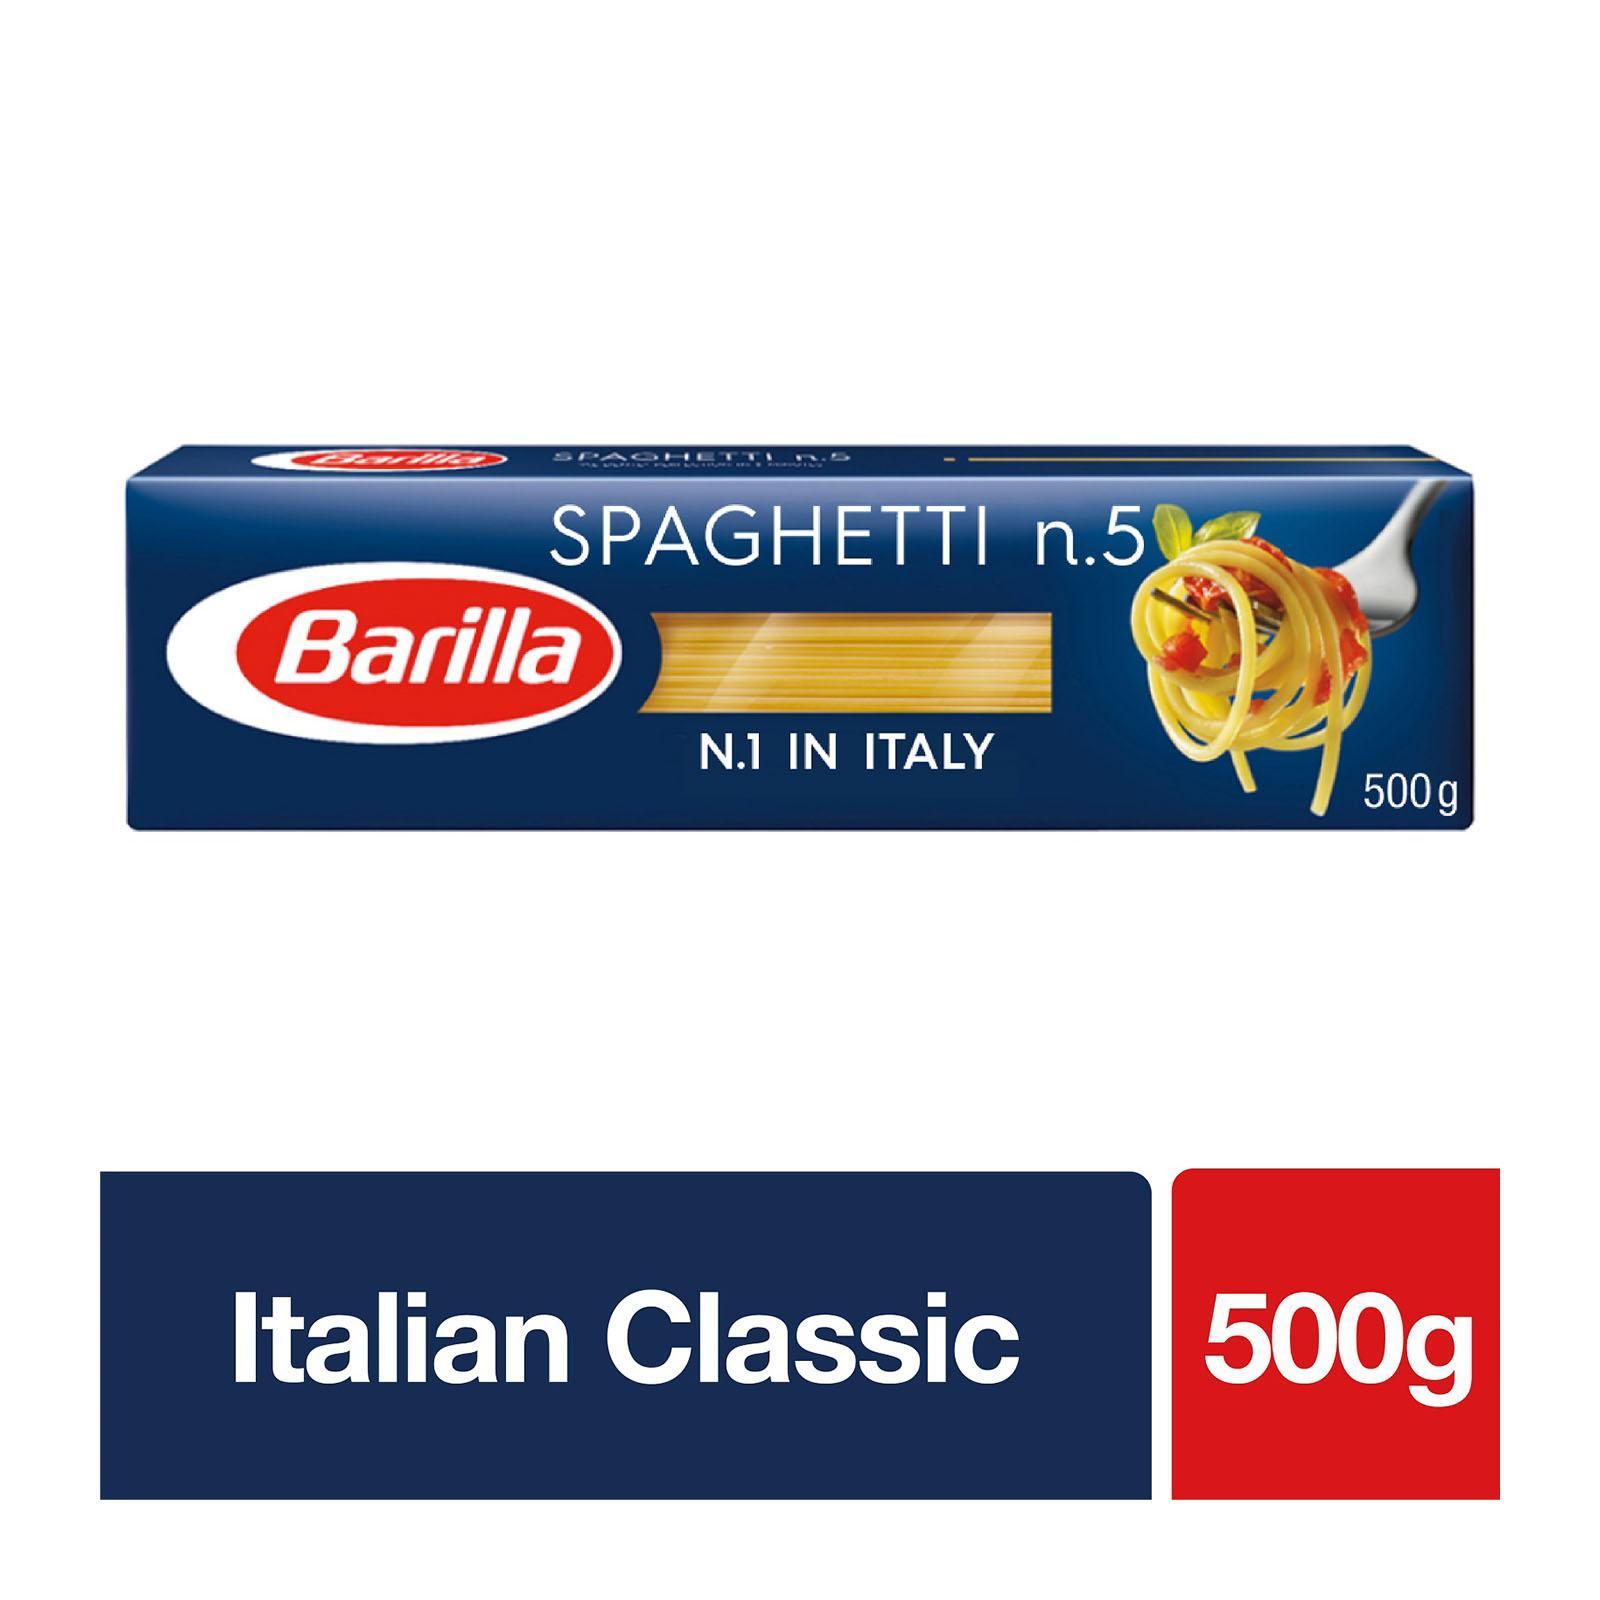 Barilla Bio-Organic Pasta - Spaghetti No.5